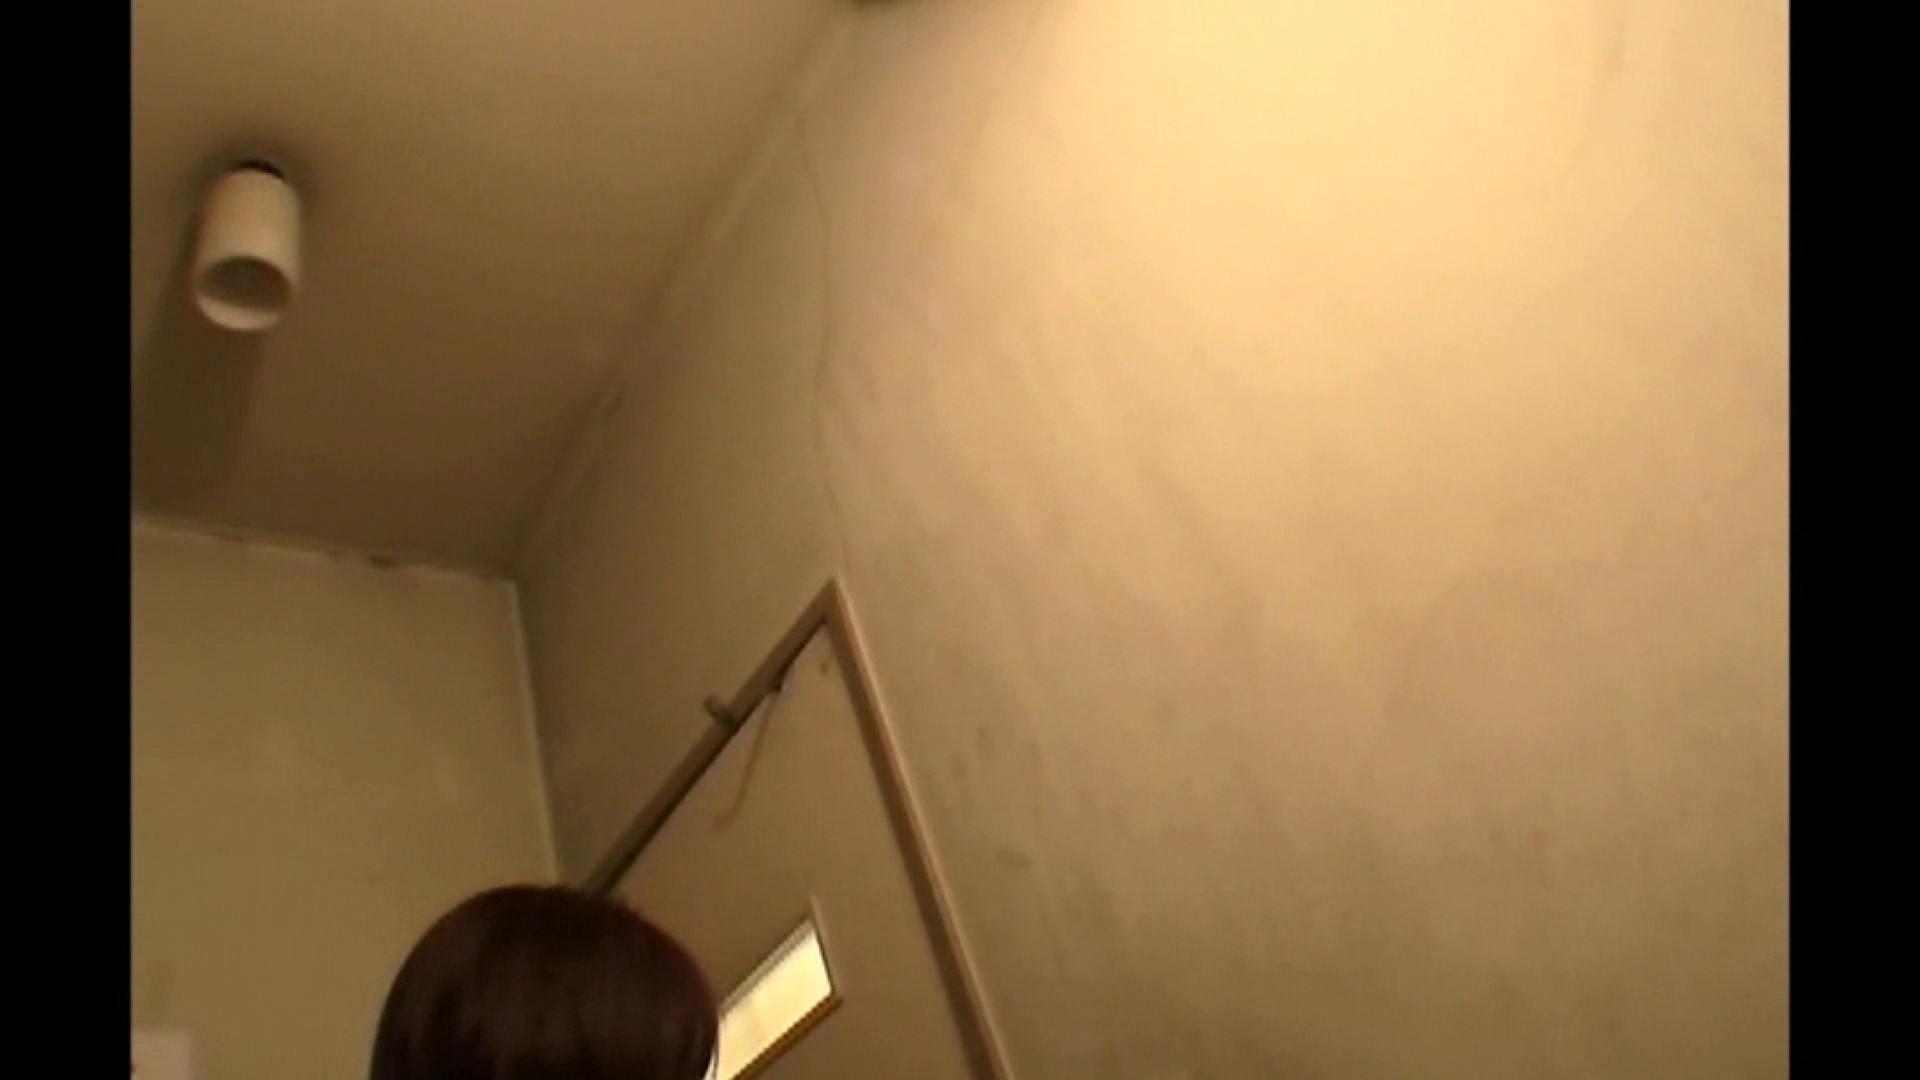 洗面所盗撮~隣の美人お姉さんVol.04 うんこ特撮 エロ画像 103連発 83